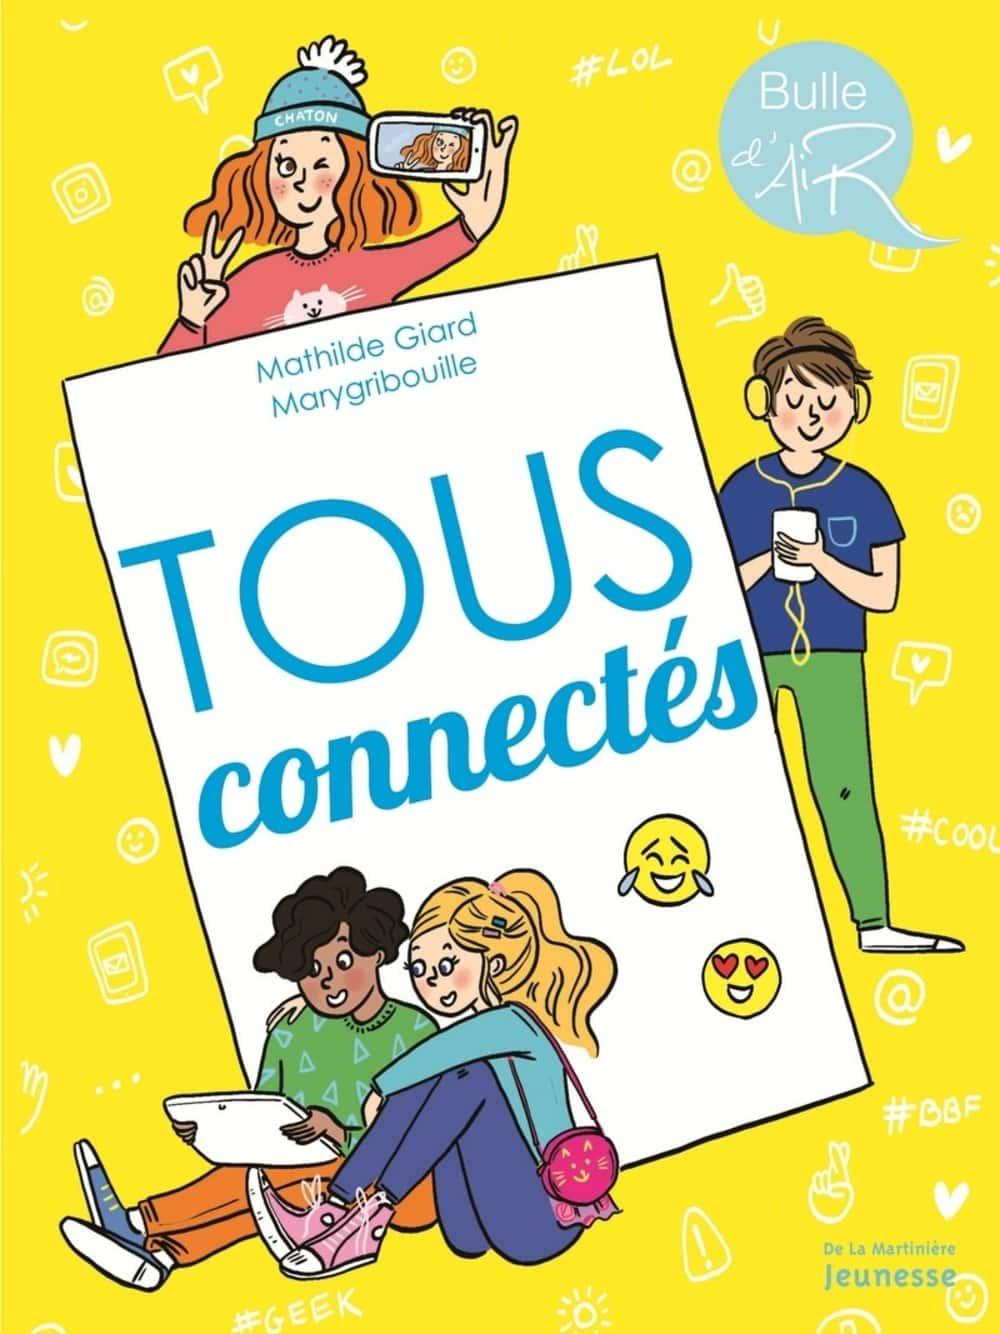 Dangers Du Net 2 Livres Pour Sensibiliser Les Preados A